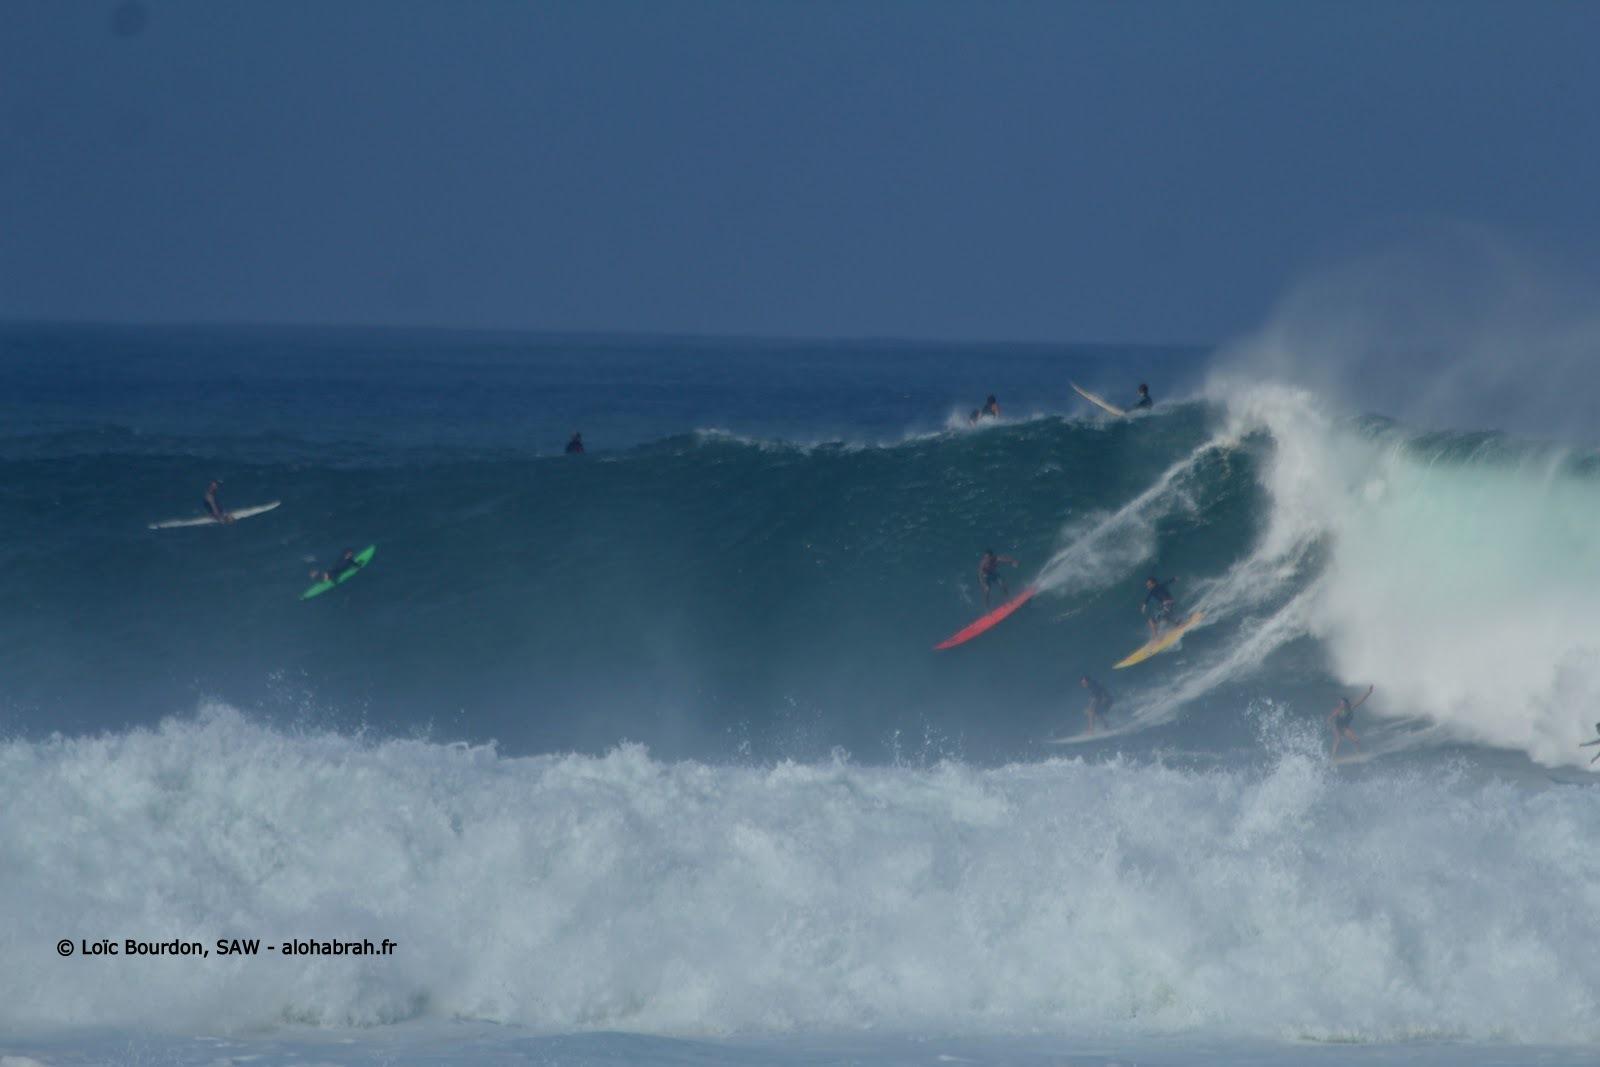 take-off à plusieurs sur la vague de waimea lors du swell du 04-01-12 © Loïc Bourdon, SAW - alohabrah.fr